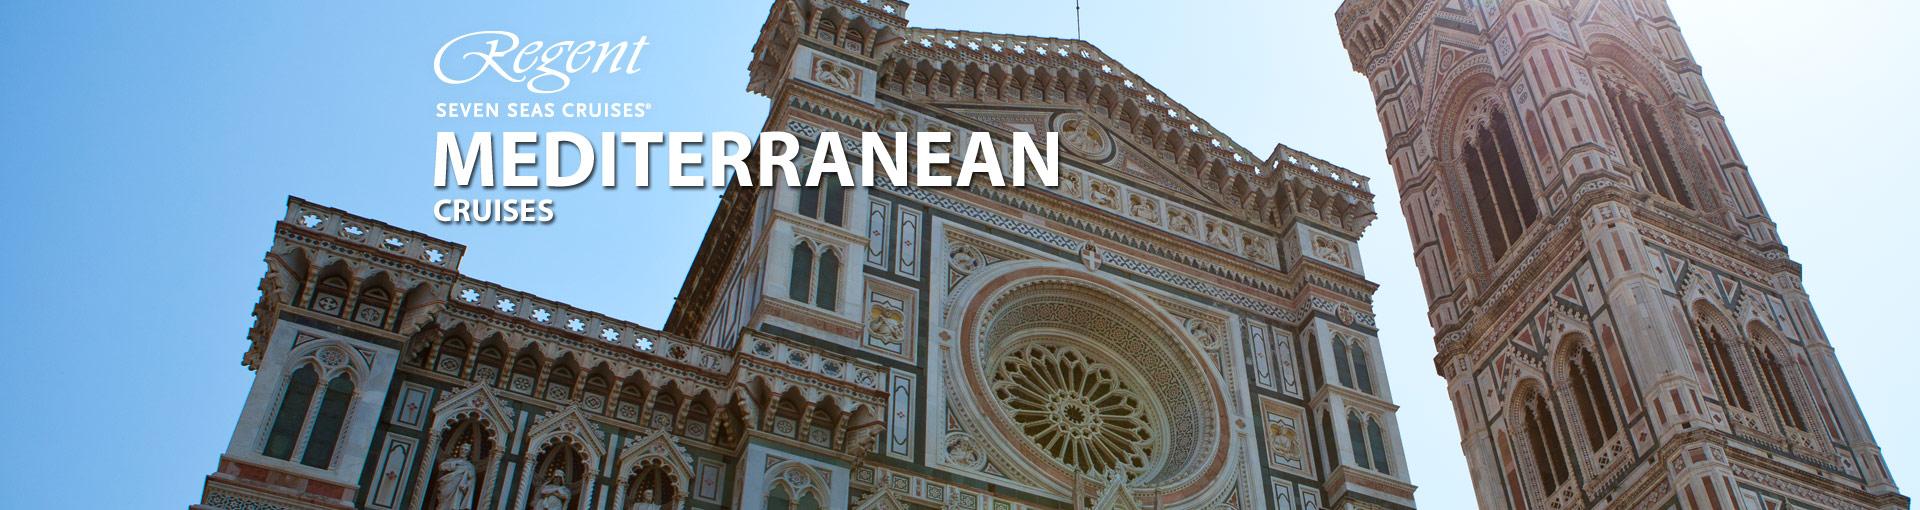 Regent Seven Seas Cruises Mediterranean Cruises